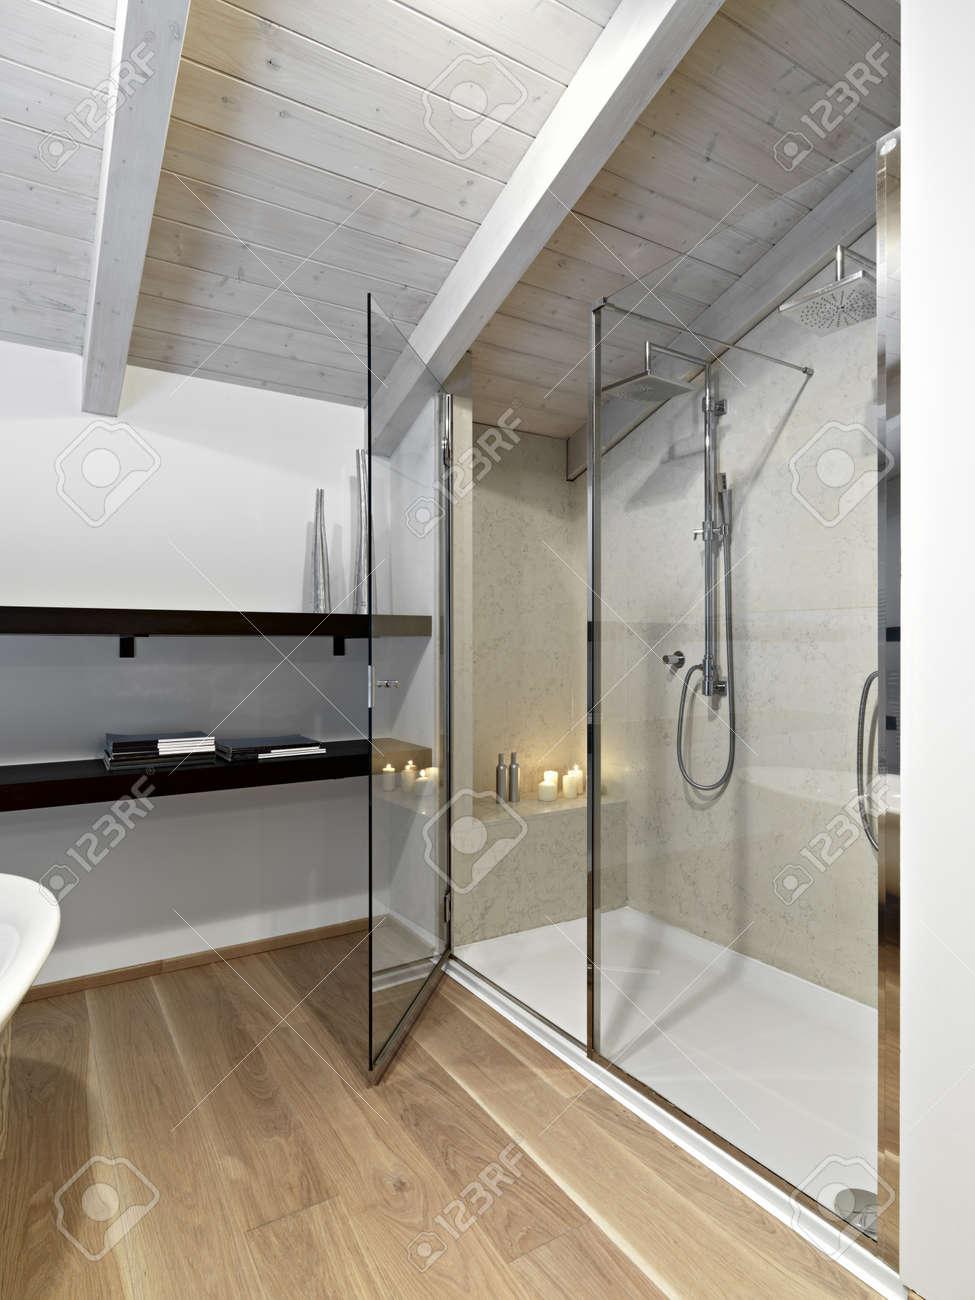 Duschkabin I Ett Modernt Badrum På Vinden Med Trä Tak Nd Parkett ...